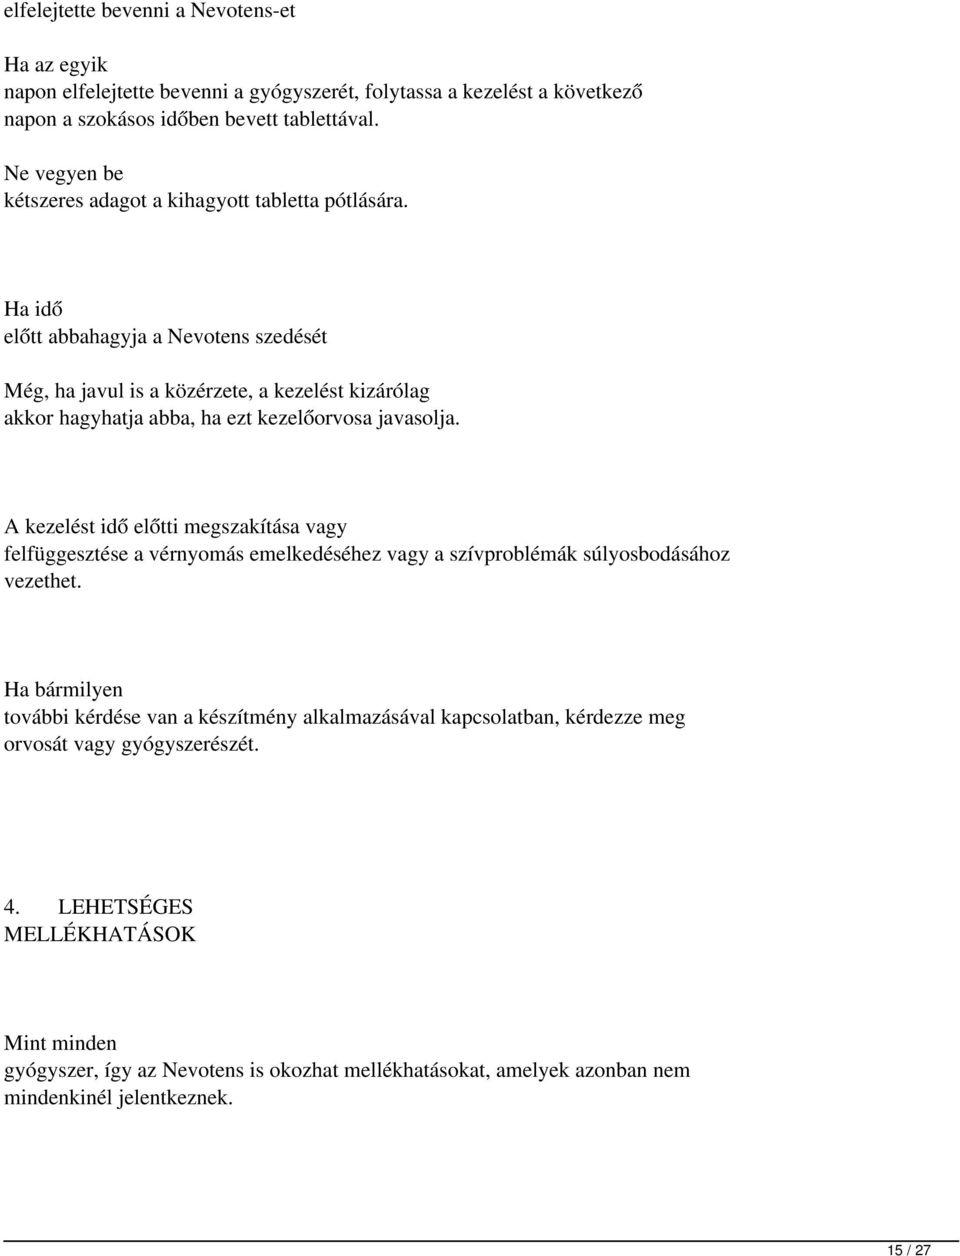 magas vérnyomás elleni gyógyszerek amelyek nem okoznak hörgőgörcsöt)